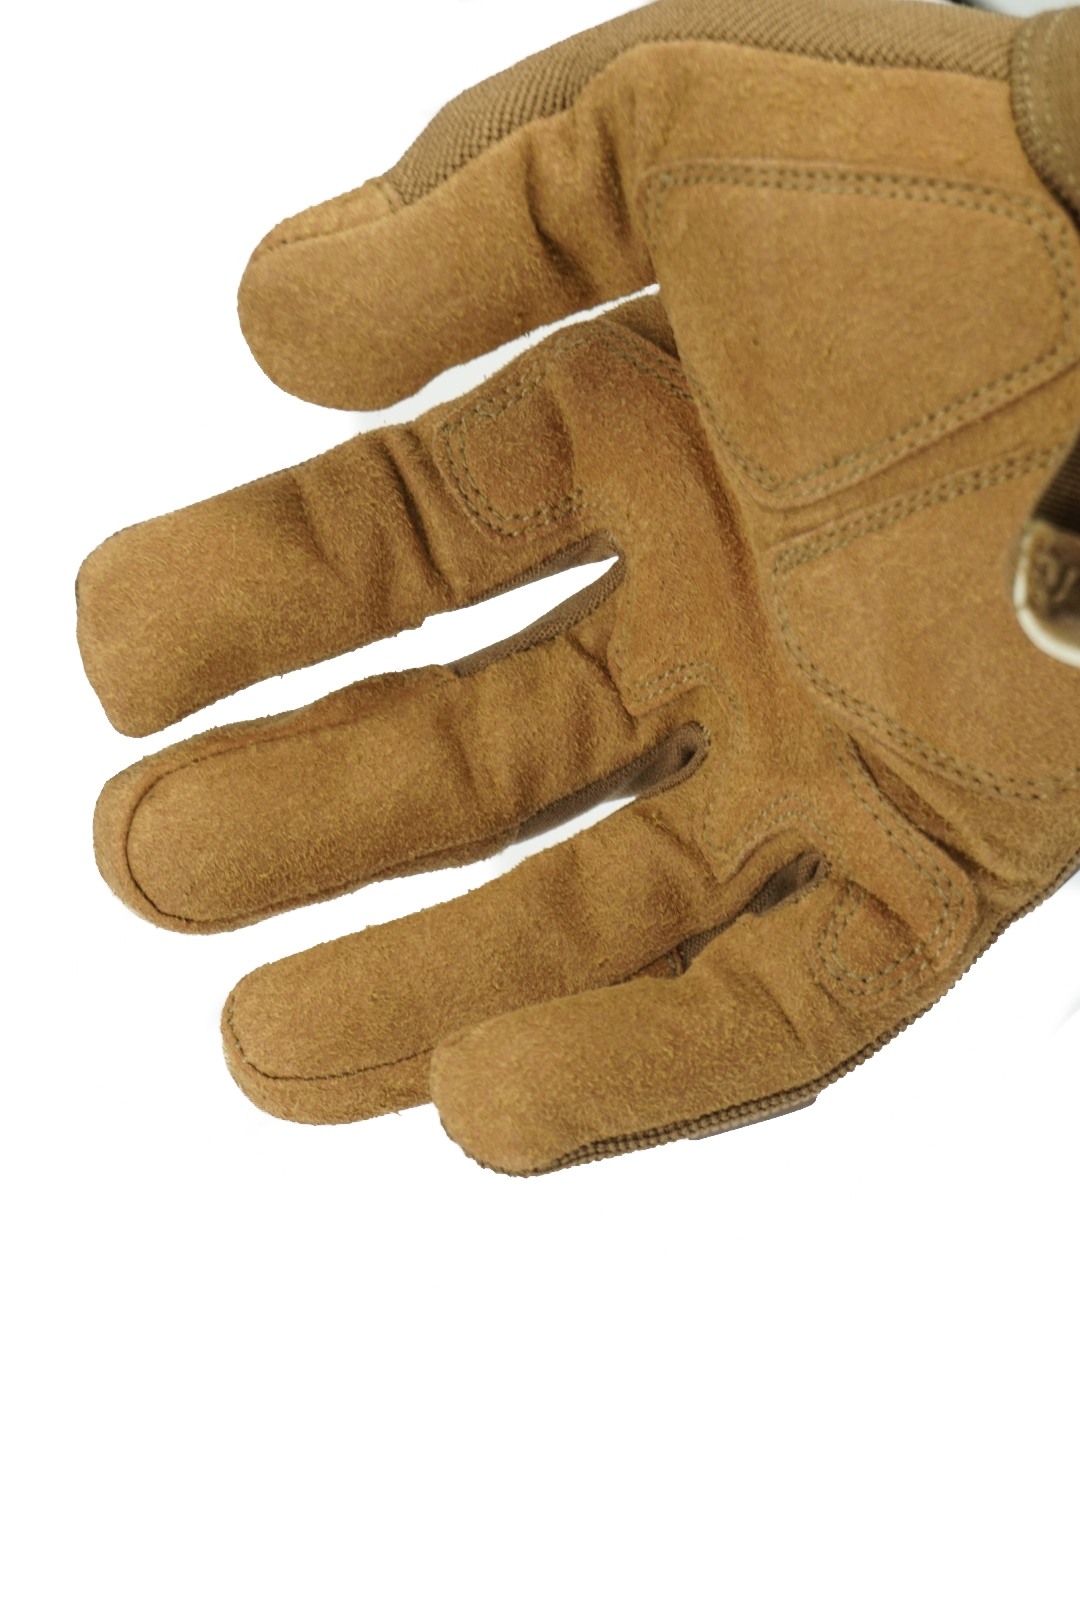 DRAGONPRO Tactical Assault Glove III Coyote